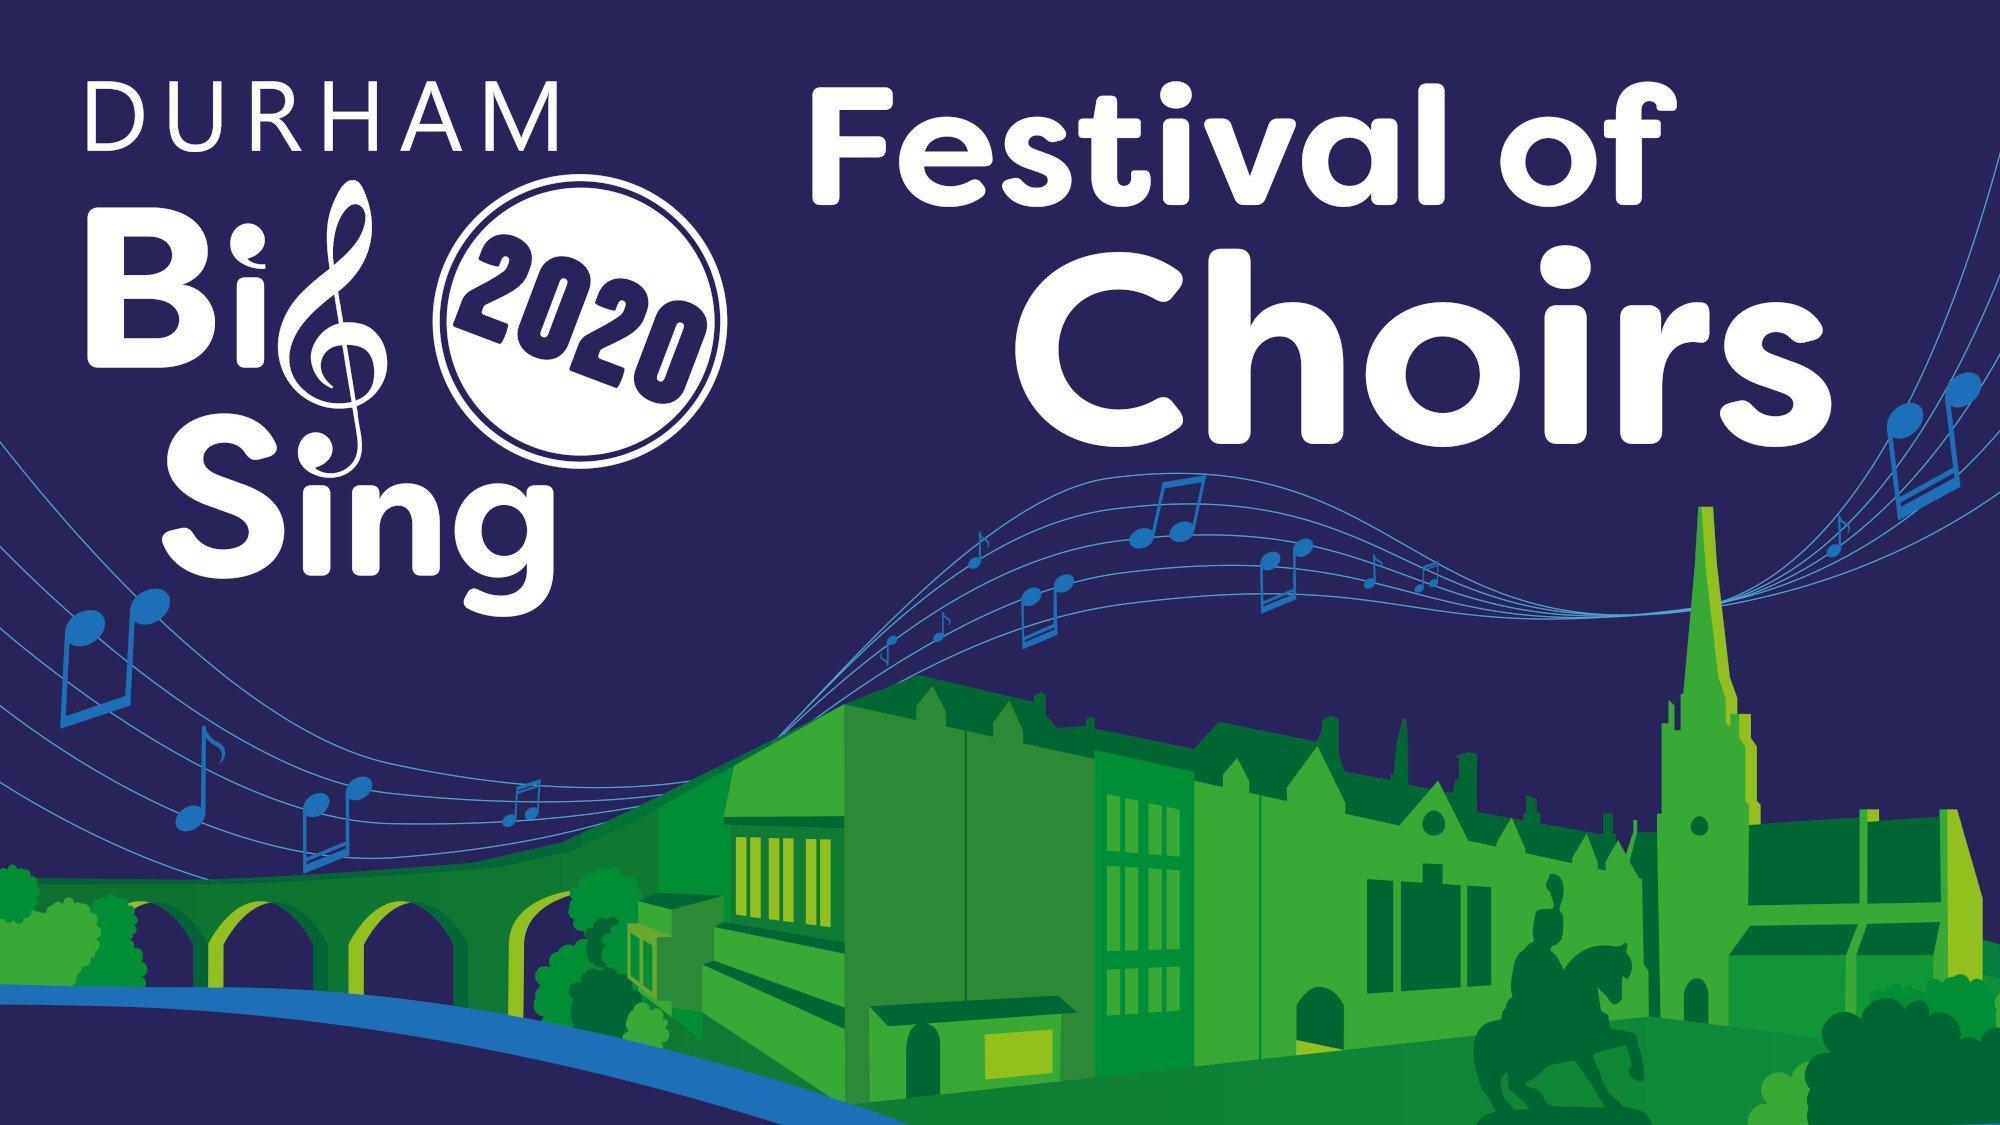 Durham Big Sing - Festival of Choirs, The SInging Elf